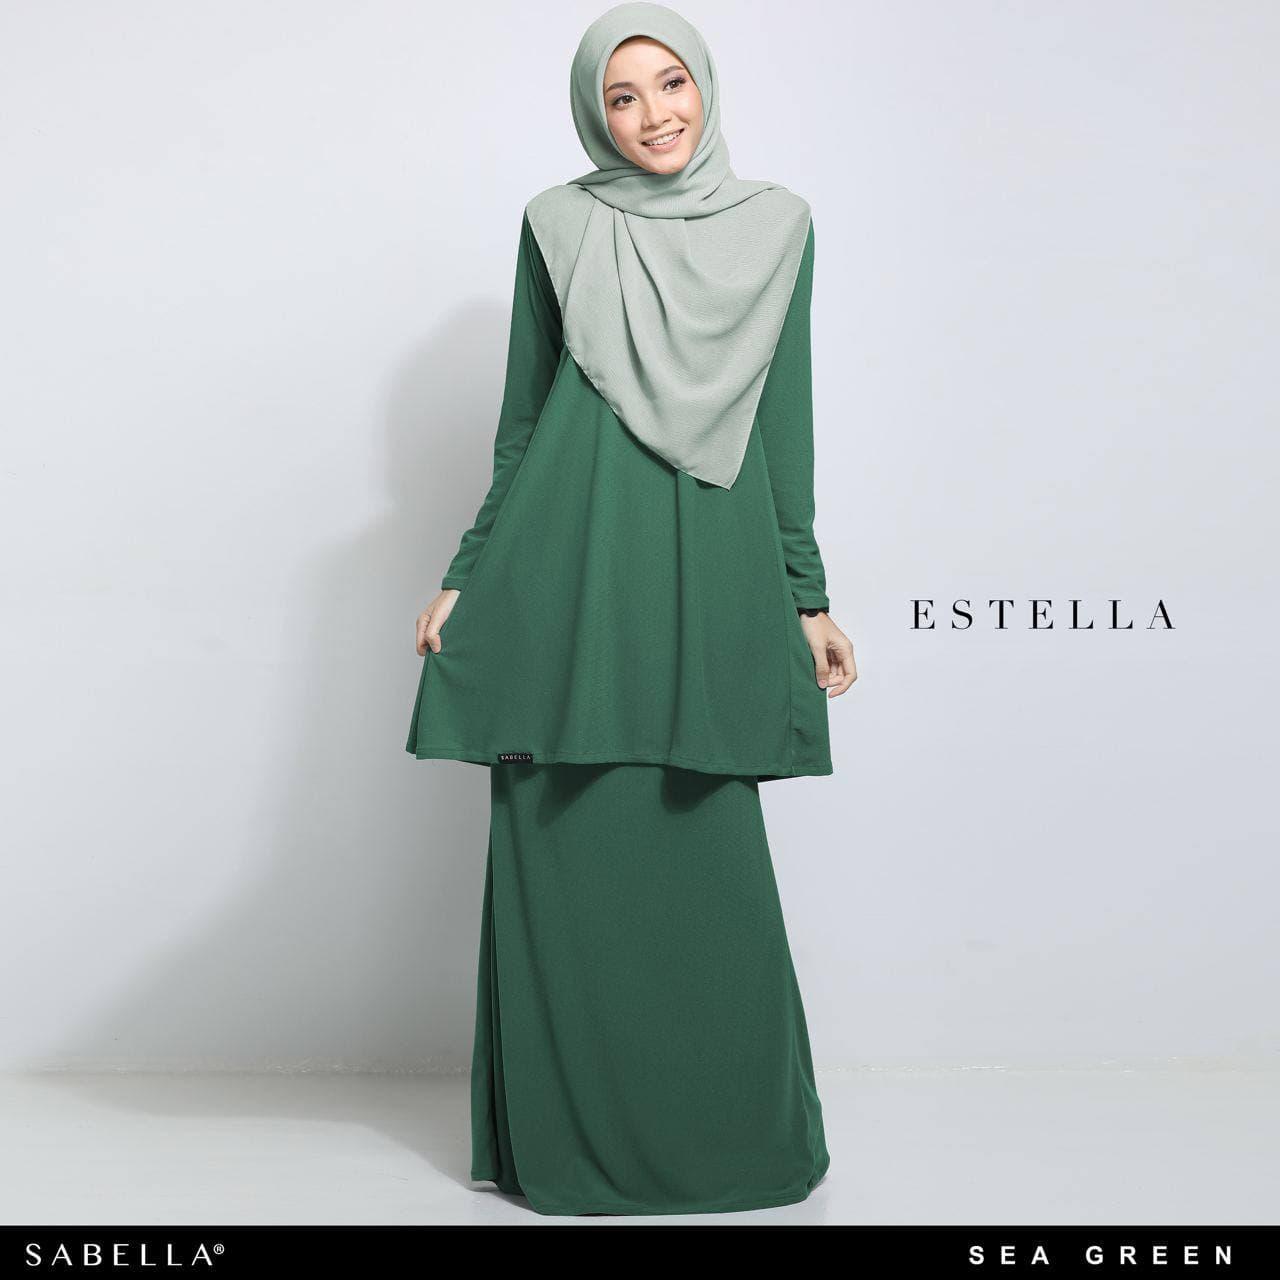 Estella 2.0 Sea Green (R)